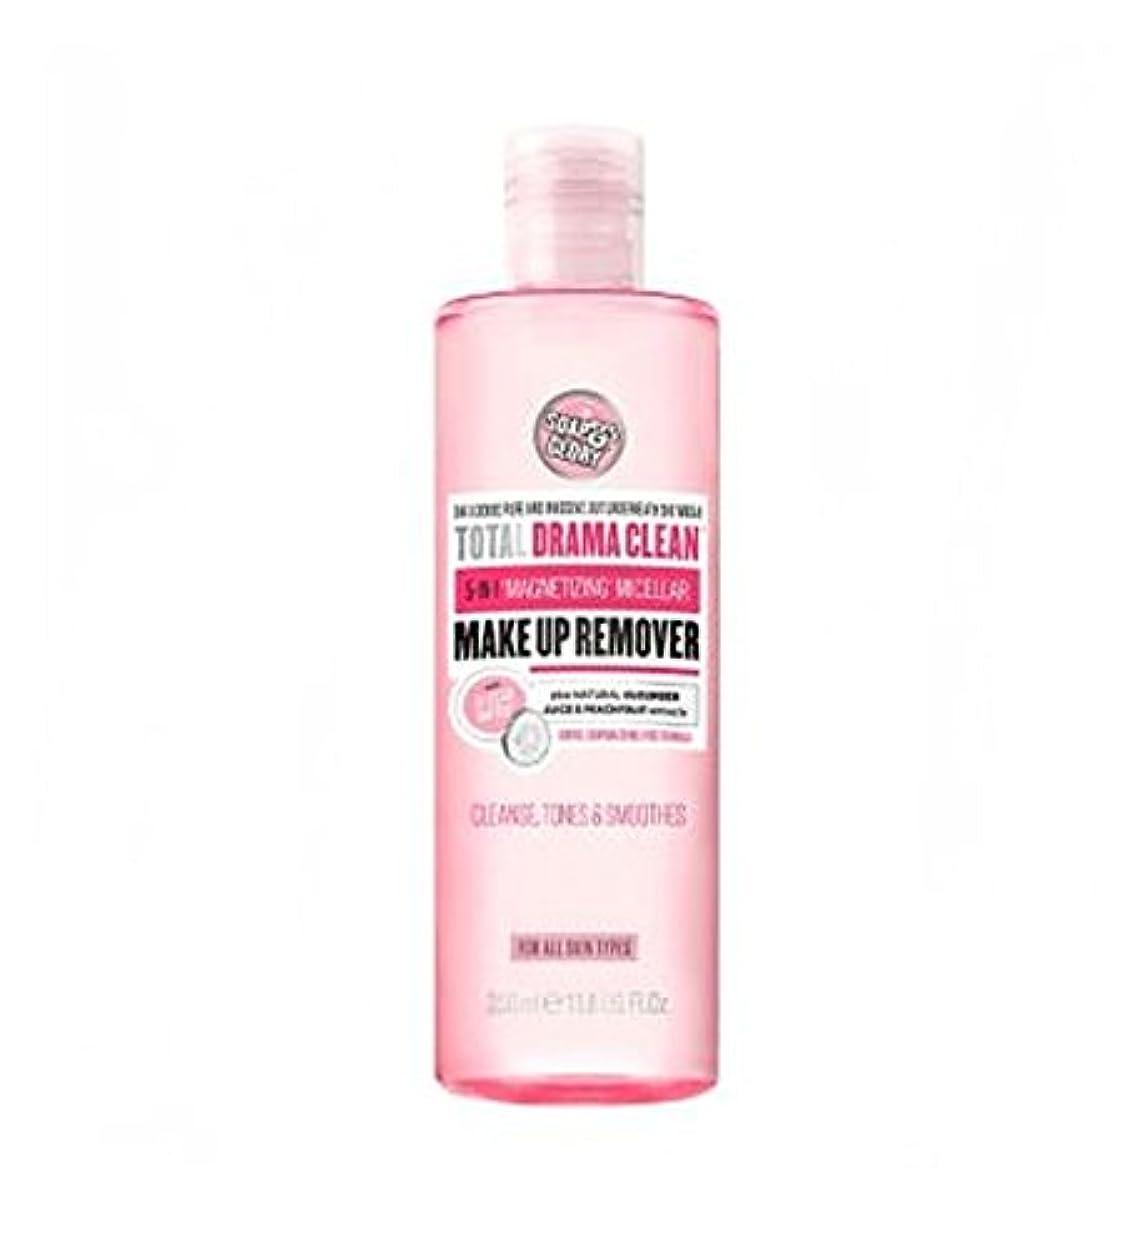 できたウィザード開梱Soap & Glory DRAMA CLEAN? 5-in-1 Micellar Cleansing Water 350ml - 石鹸&栄光のドラマクリーン?5-In-1のミセル洗浄水350ミリリットル (Soap &...